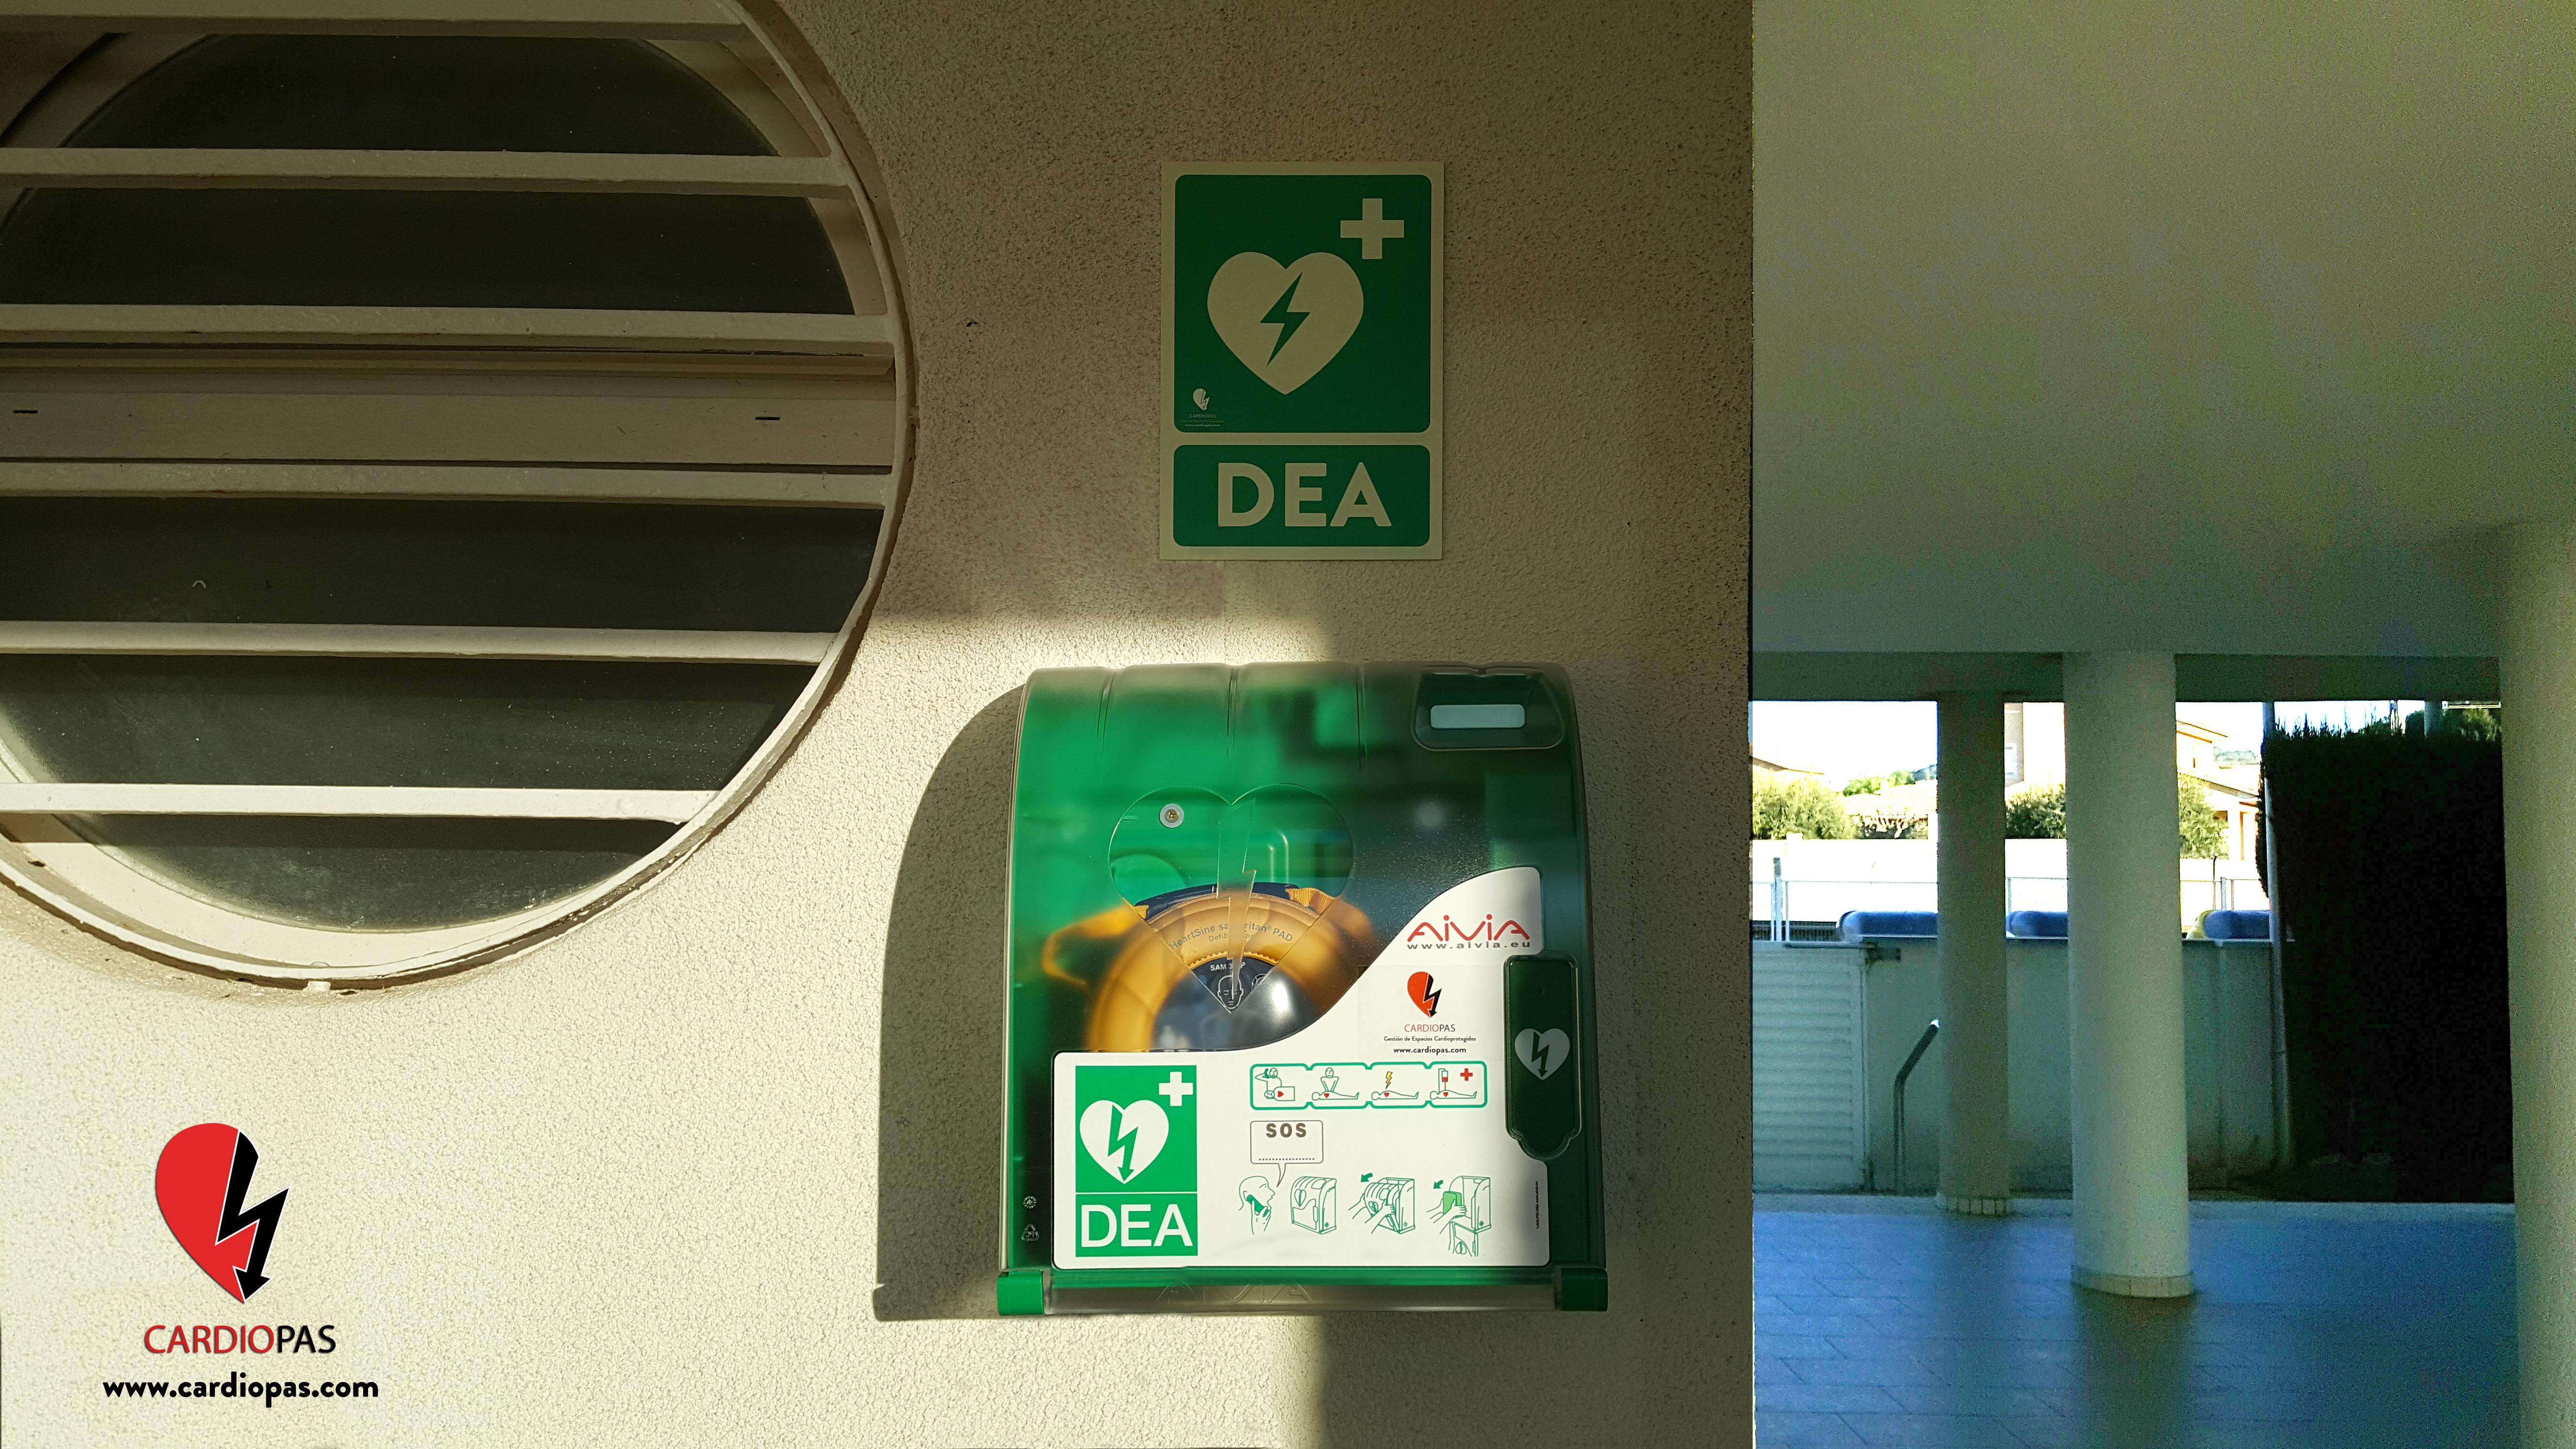 Las estadísticas no engañan. Un 80% de todas las paradas cardíacas tienen lugar fuera de un Hospital, sin un equipo material y personal profesional. Aun así, el 60% de estas… Leer más